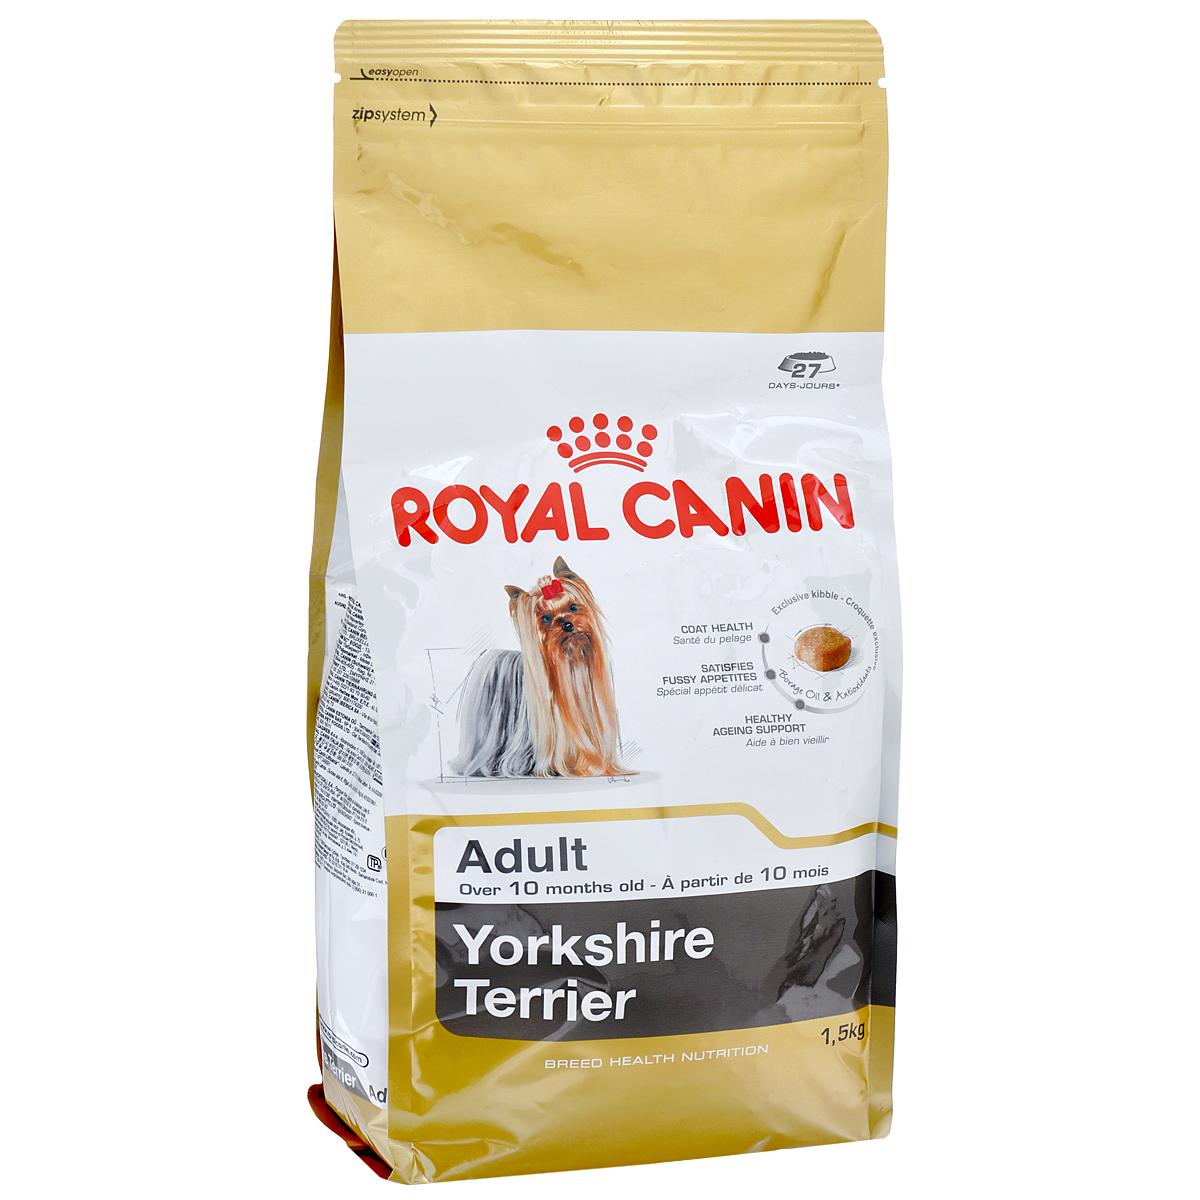 Корм сухой Royal Canin Yorkshire Terrier Adult, для собак породы йоркширский терьер в возрасте от 10 месяцев, 1,5 кг0120710Корм сухой Royal Canin Yorkshire Terrier Adult - полнорационный корм для собак породы йоркширский терьер в возрасте от 10 месяцев.Йоркширский терьер — это сказочное создание, которое очаровывает с первой минуты знакомства с ним. Тоненькие, хрупкие и изящные йорки в силу своей физиологии нуждаются в максимальном поступлении в организм аминокислот, необходимых для развития шерсти и ее быстрого роста. Многие корма для йорков имеют крокеты слишком крупного размера, тогда как продукция Royal Canin Yorkshire Terrier Adult разработана специально для небольших челюстей этих собак. Здоровая шерсть.Эта эксклюзивная формула поддерживает здоровье и красоту шерсти йоркширского терьера. Корм обогащен жирными кислотами Омега-3 (EPA и DHA) и Омега-6, маслом бурачника и биотином. Вкусовая привлекательность.Благодаря высокой вкусовой привлекательности корм способен удовлетворить потребностидаже самых привередливых питомцев. Долголетие.Особый комплекс с питательными веществами помогает сохранить здоровье собаки в зрелом возрасте и способствует долголетию.Профилактика образования зубного камня.Благодаря хелаторам кальция и специально подобранной текстуре крокет, которая оказывает чистящее воздействие, корм помогает ограничить образование зубного камня. Состав: дегидратированные белки животного происхождения (птица), рис, кукурузная мука, животные жиры, изолят растительных белков, свекольный жом, гидролизат белков животного происхождения, минеральные вещества, соевое масло, рыбий жир, дрожжи, фруктоолигосахариды, гидролизат дрожжей (источник мaннановых олигосахаридов), масло огуречника аптечного (0,1 %), экстракт бархатцев прямостоячих (источник лютеина).Добавки (в 1 кг): йод — 5,2 мг,селен — 0,28 мг,медь — 15 мг,железо — 166 мг,марганец — 73 мг,цинк — 218 мг,витамин A — 31000 МЕ,витамин D3 — 800 МЕ,витамин E — 600 мг,витамин C — 300 мг,витамин B1 — 27 мг,витамин B2